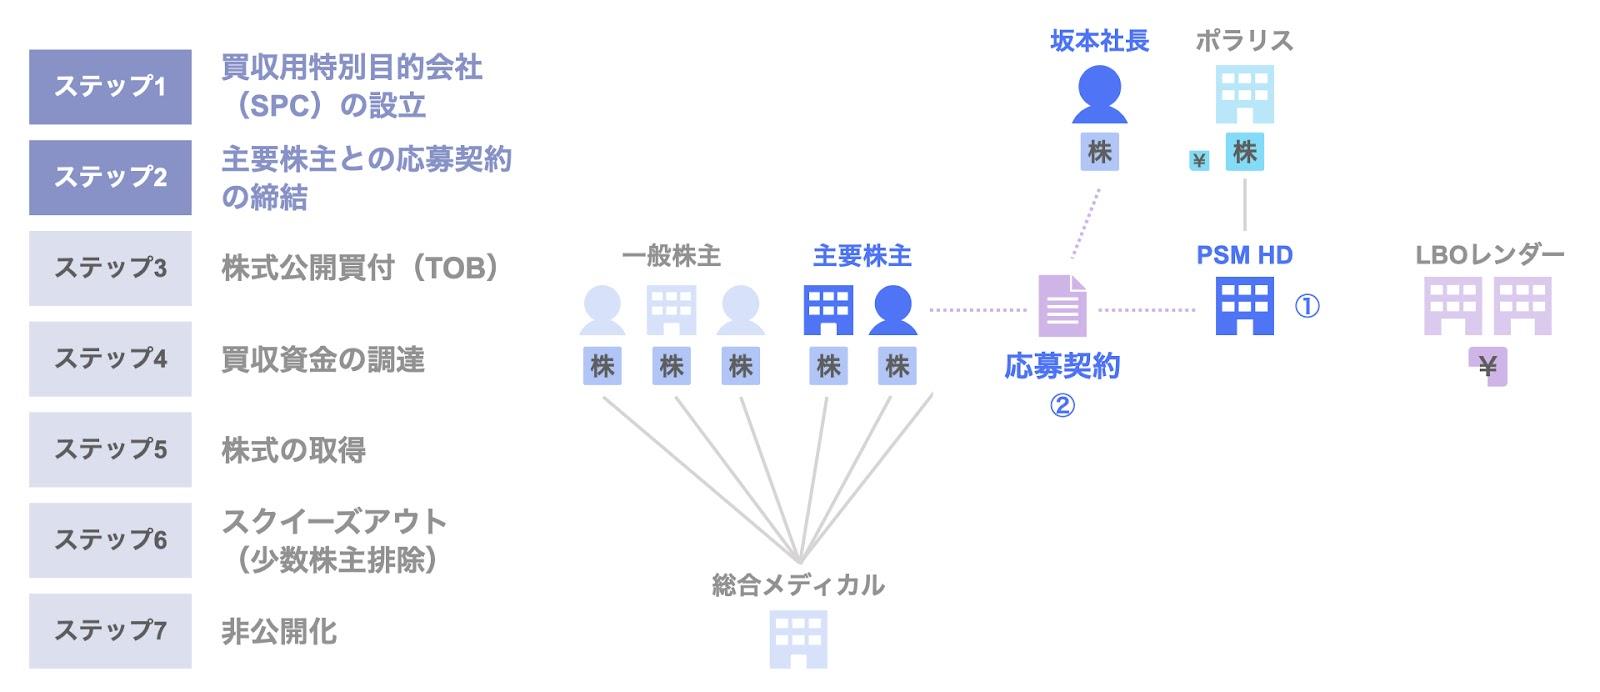 総合メディカルホールディングスのMBOによる非公開化のスキーム1,2